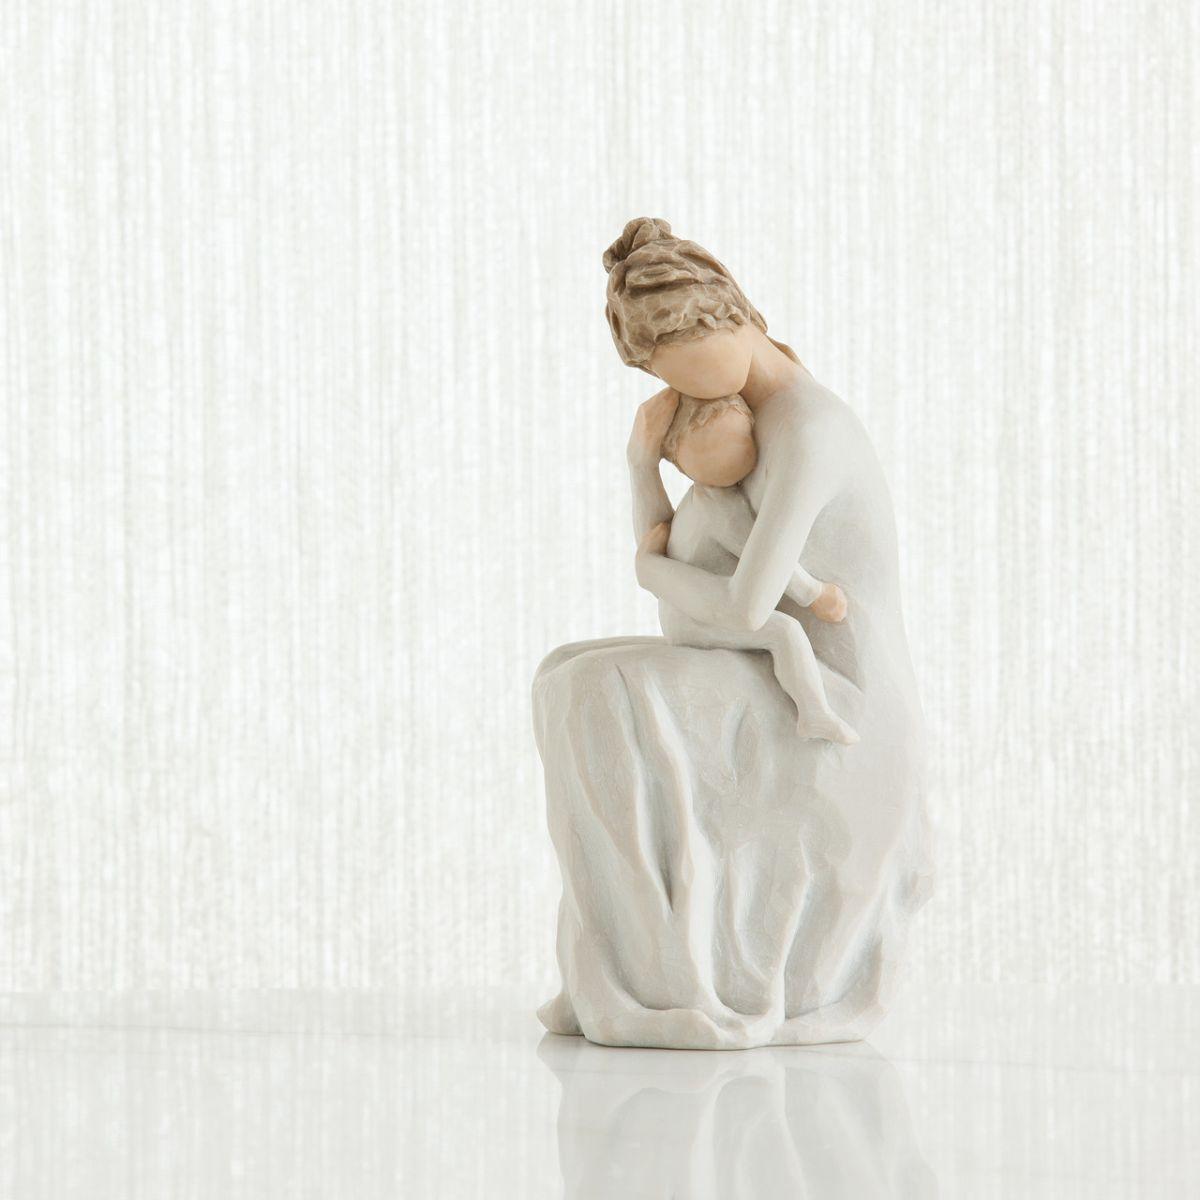 ウィローツリー彫像 【For Always】 - ずっと、いつまでも